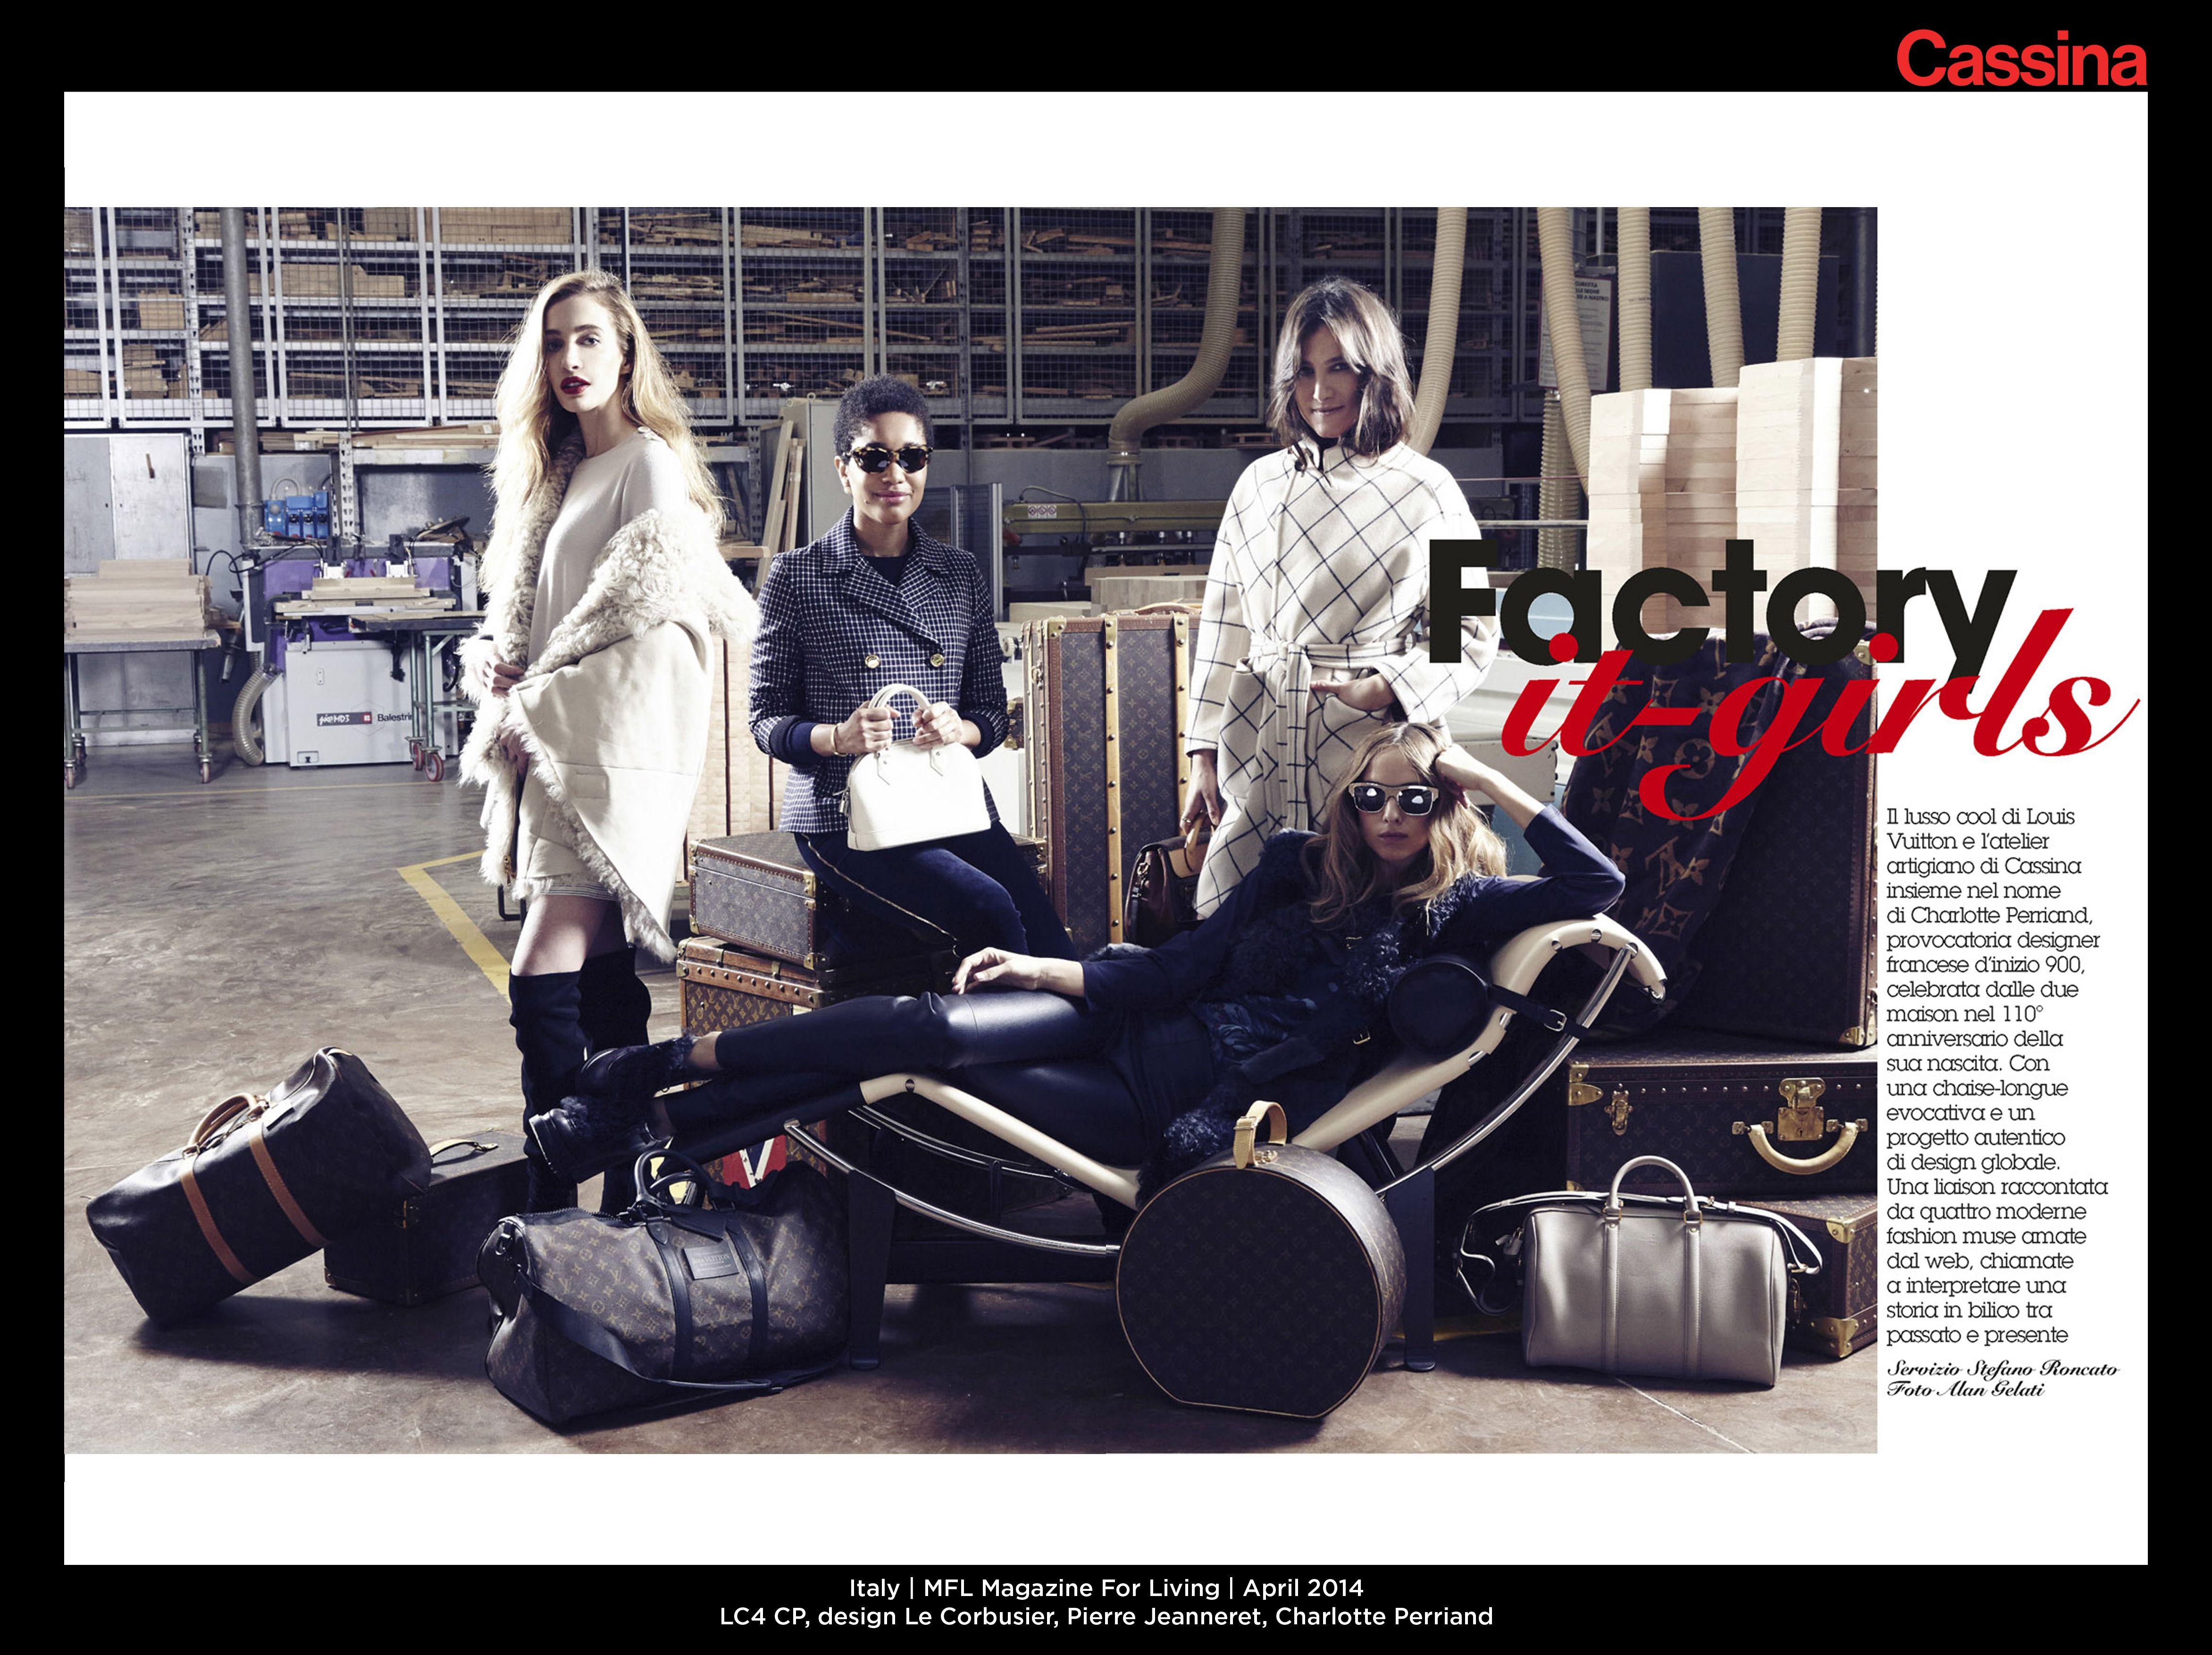 Italy | MFL Magazine For Living | April 2014 | LC4 CP, design Le Corbusier, Pierre Jeanneret, Charlotte Perriand | Discover more on: http://cassina.com/it/collezione/poltrone-e-divani/lc4-cp